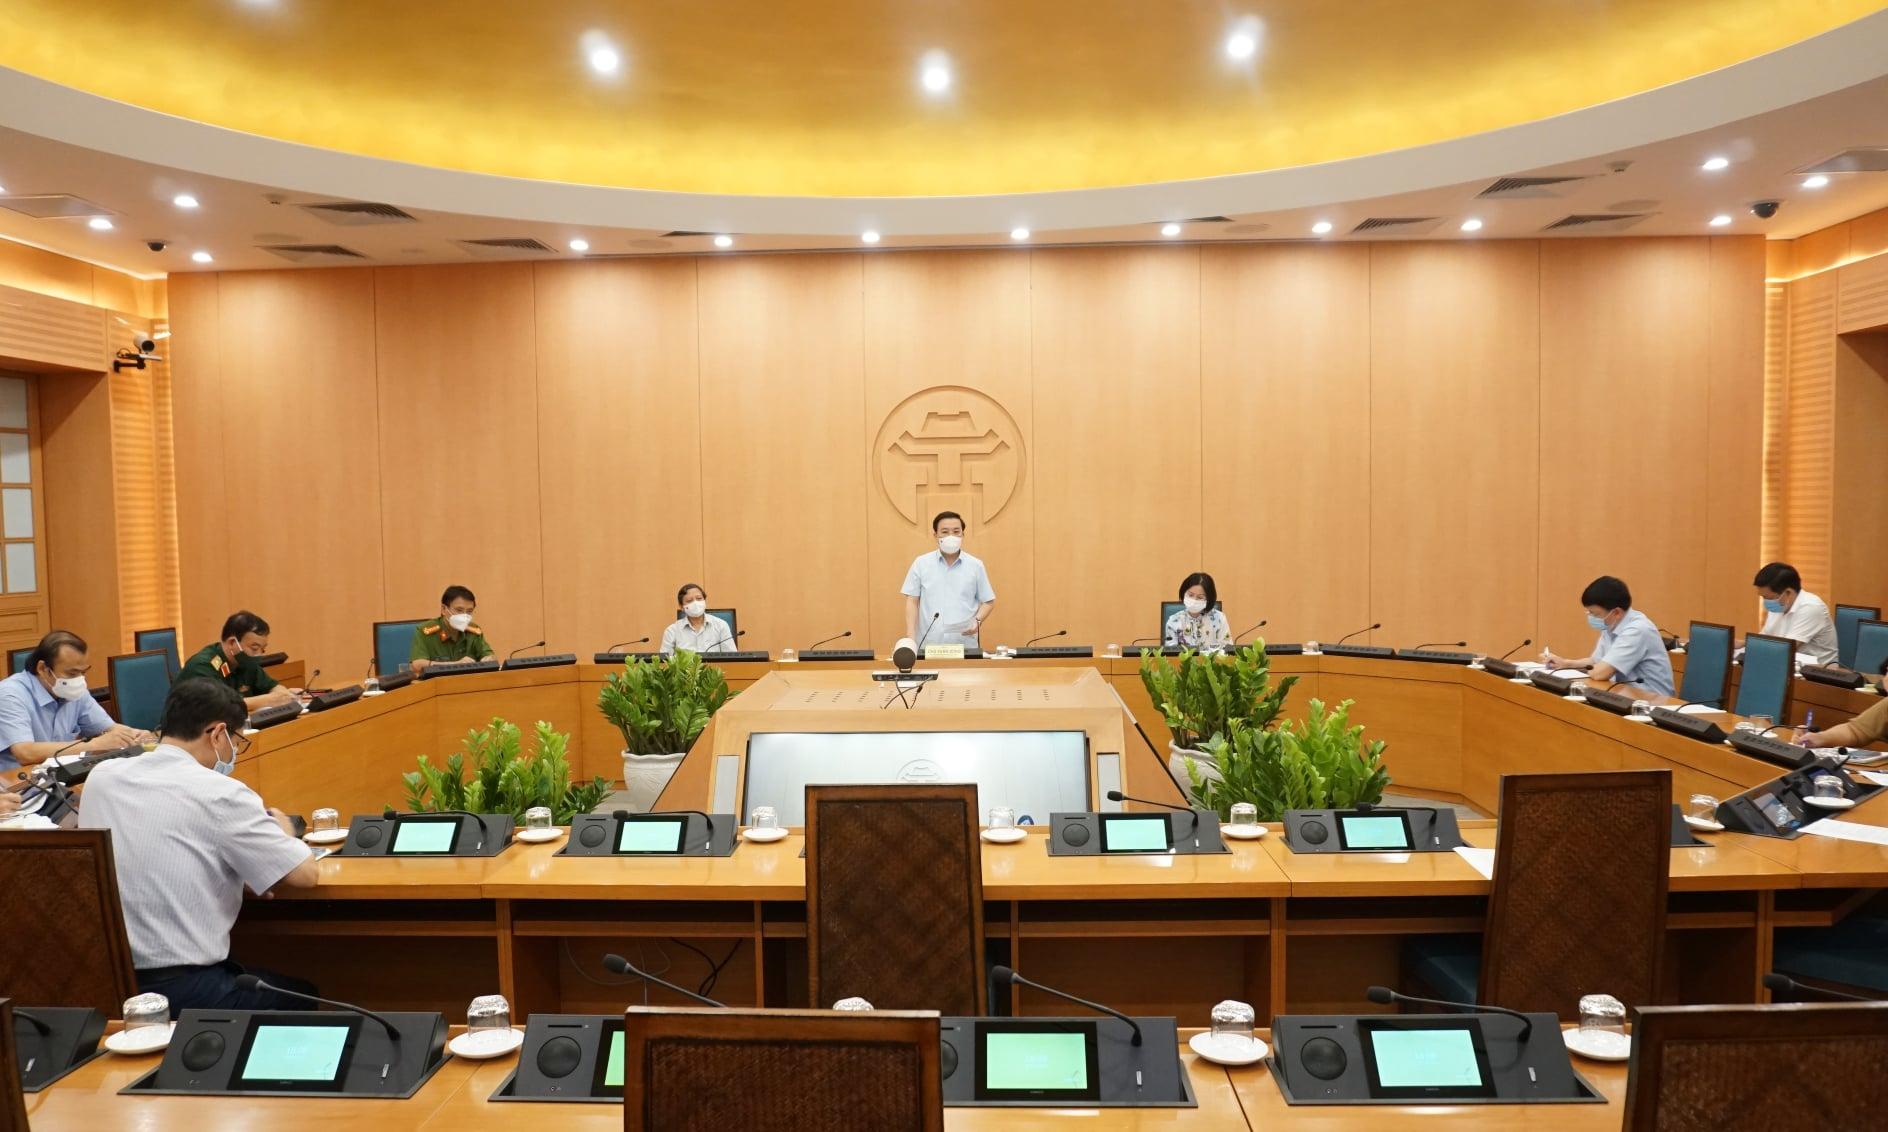 Hà Nội: Phát hiện 40 người liên quan Hội thánh truyền giáo Phục Hưng ở TP.HCM - Ảnh 1.